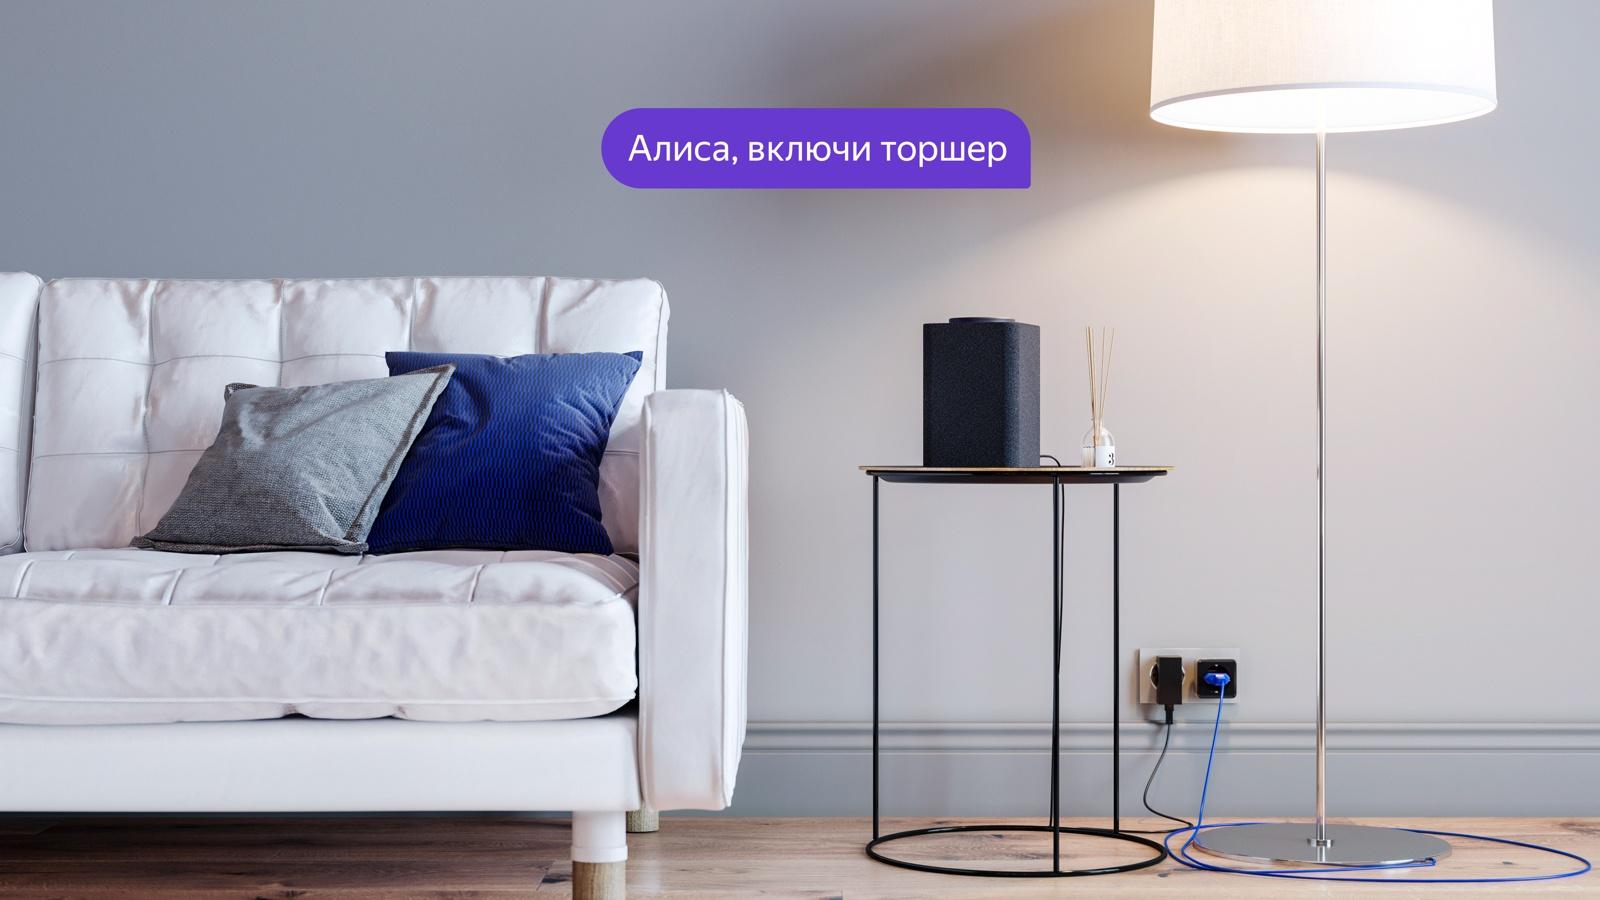 Умный дом с Алисой. Яндекс открывает платформу для всех разработчиков - 5